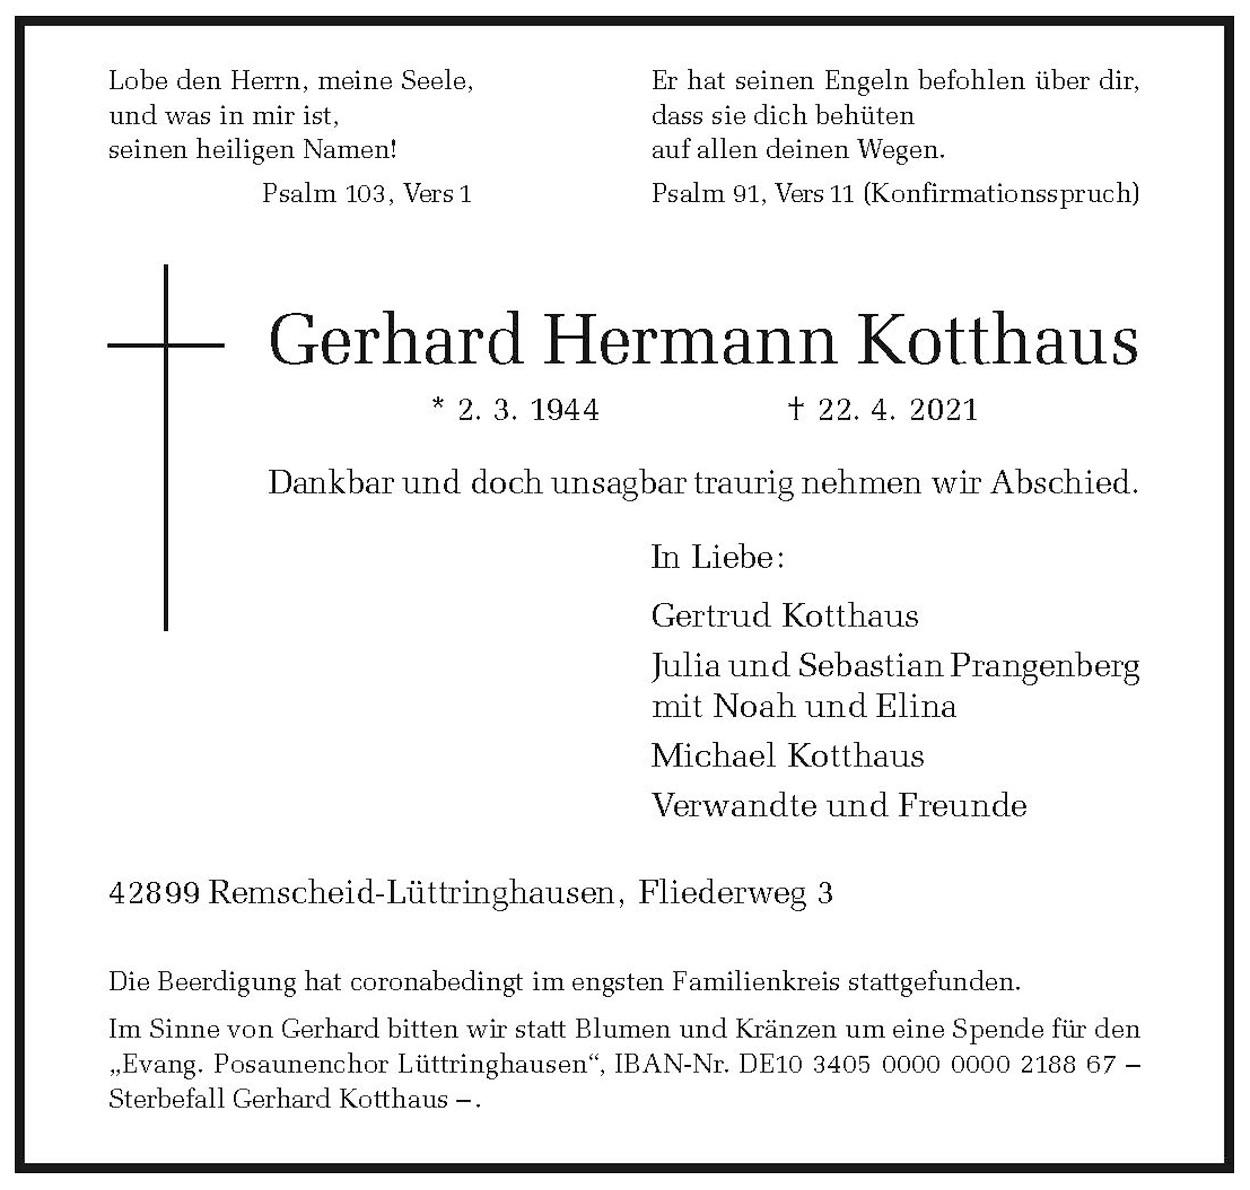 Gerhard Hermann Kotthaus